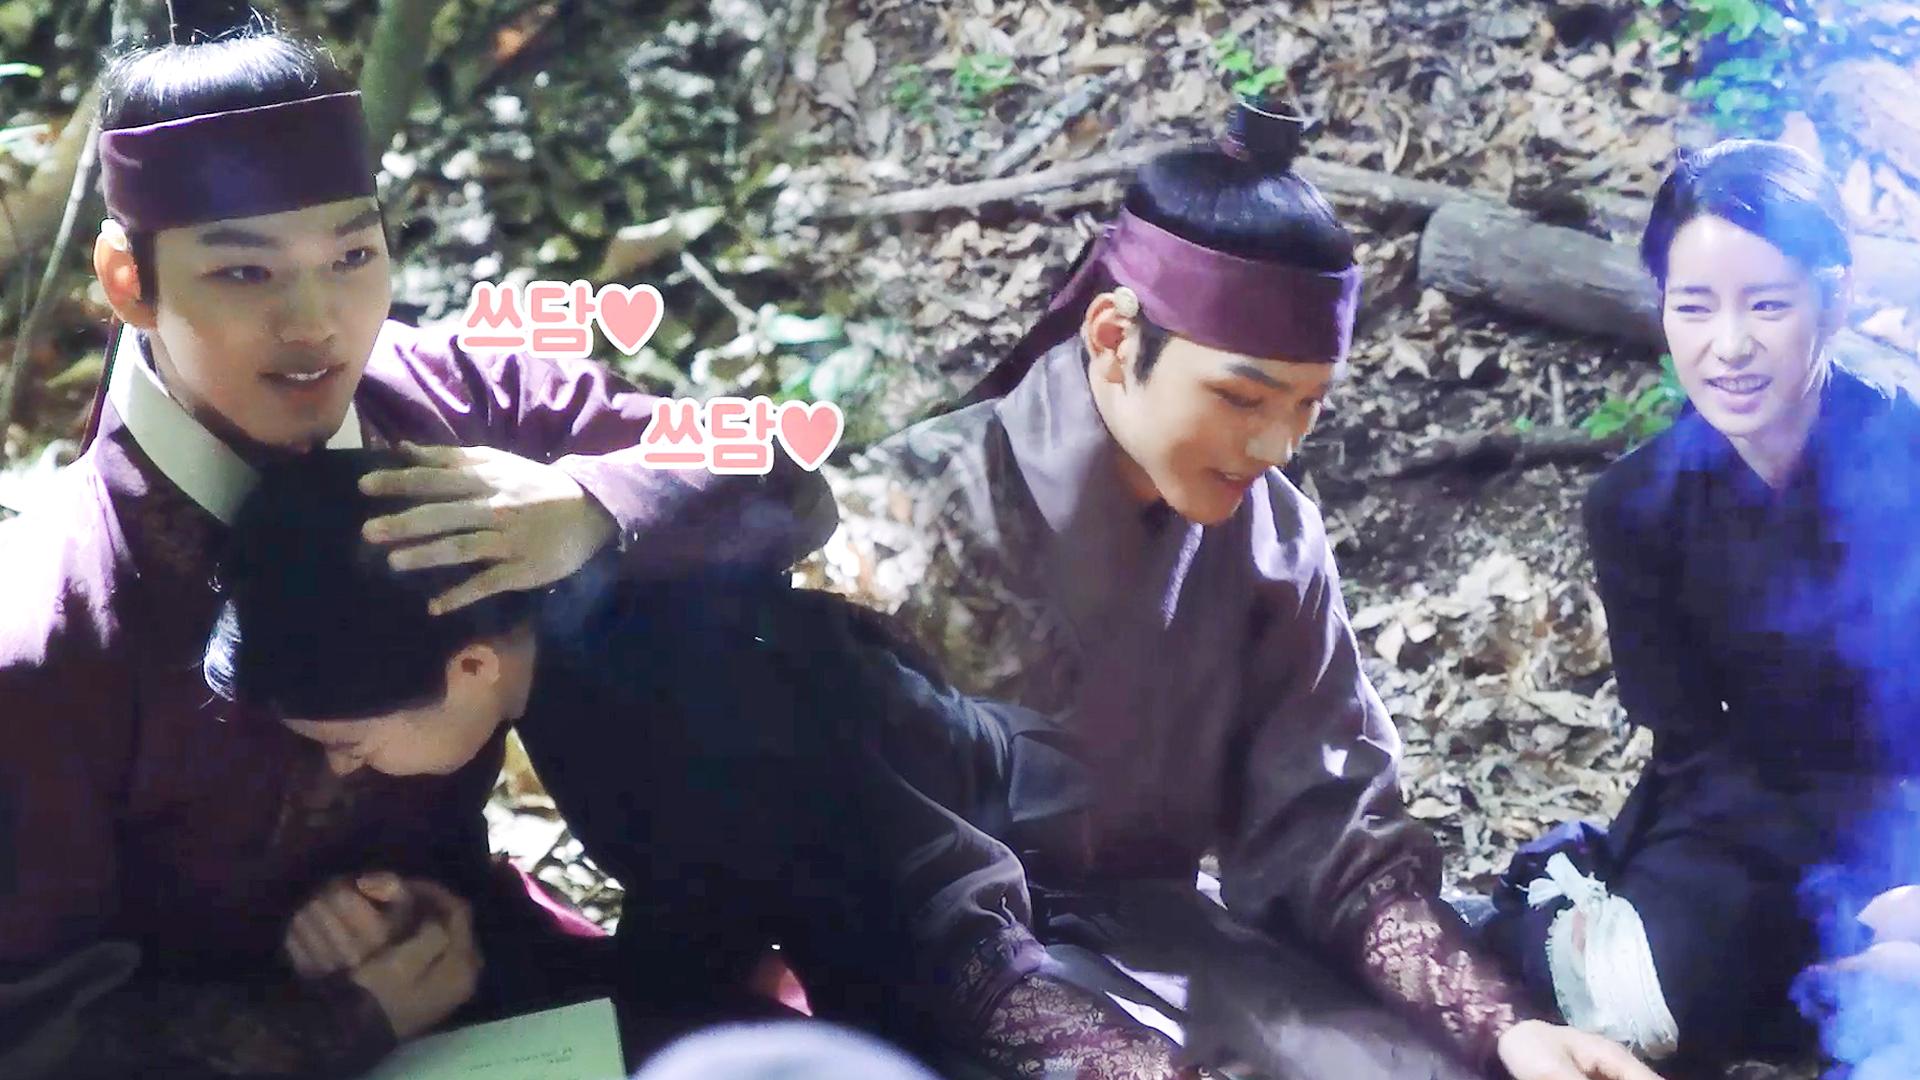 [메이킹] 연담 커플, 숲 속에서 피어오르는 연담 로맨스~♥ (feat.연잉군 외토뤼햐~)